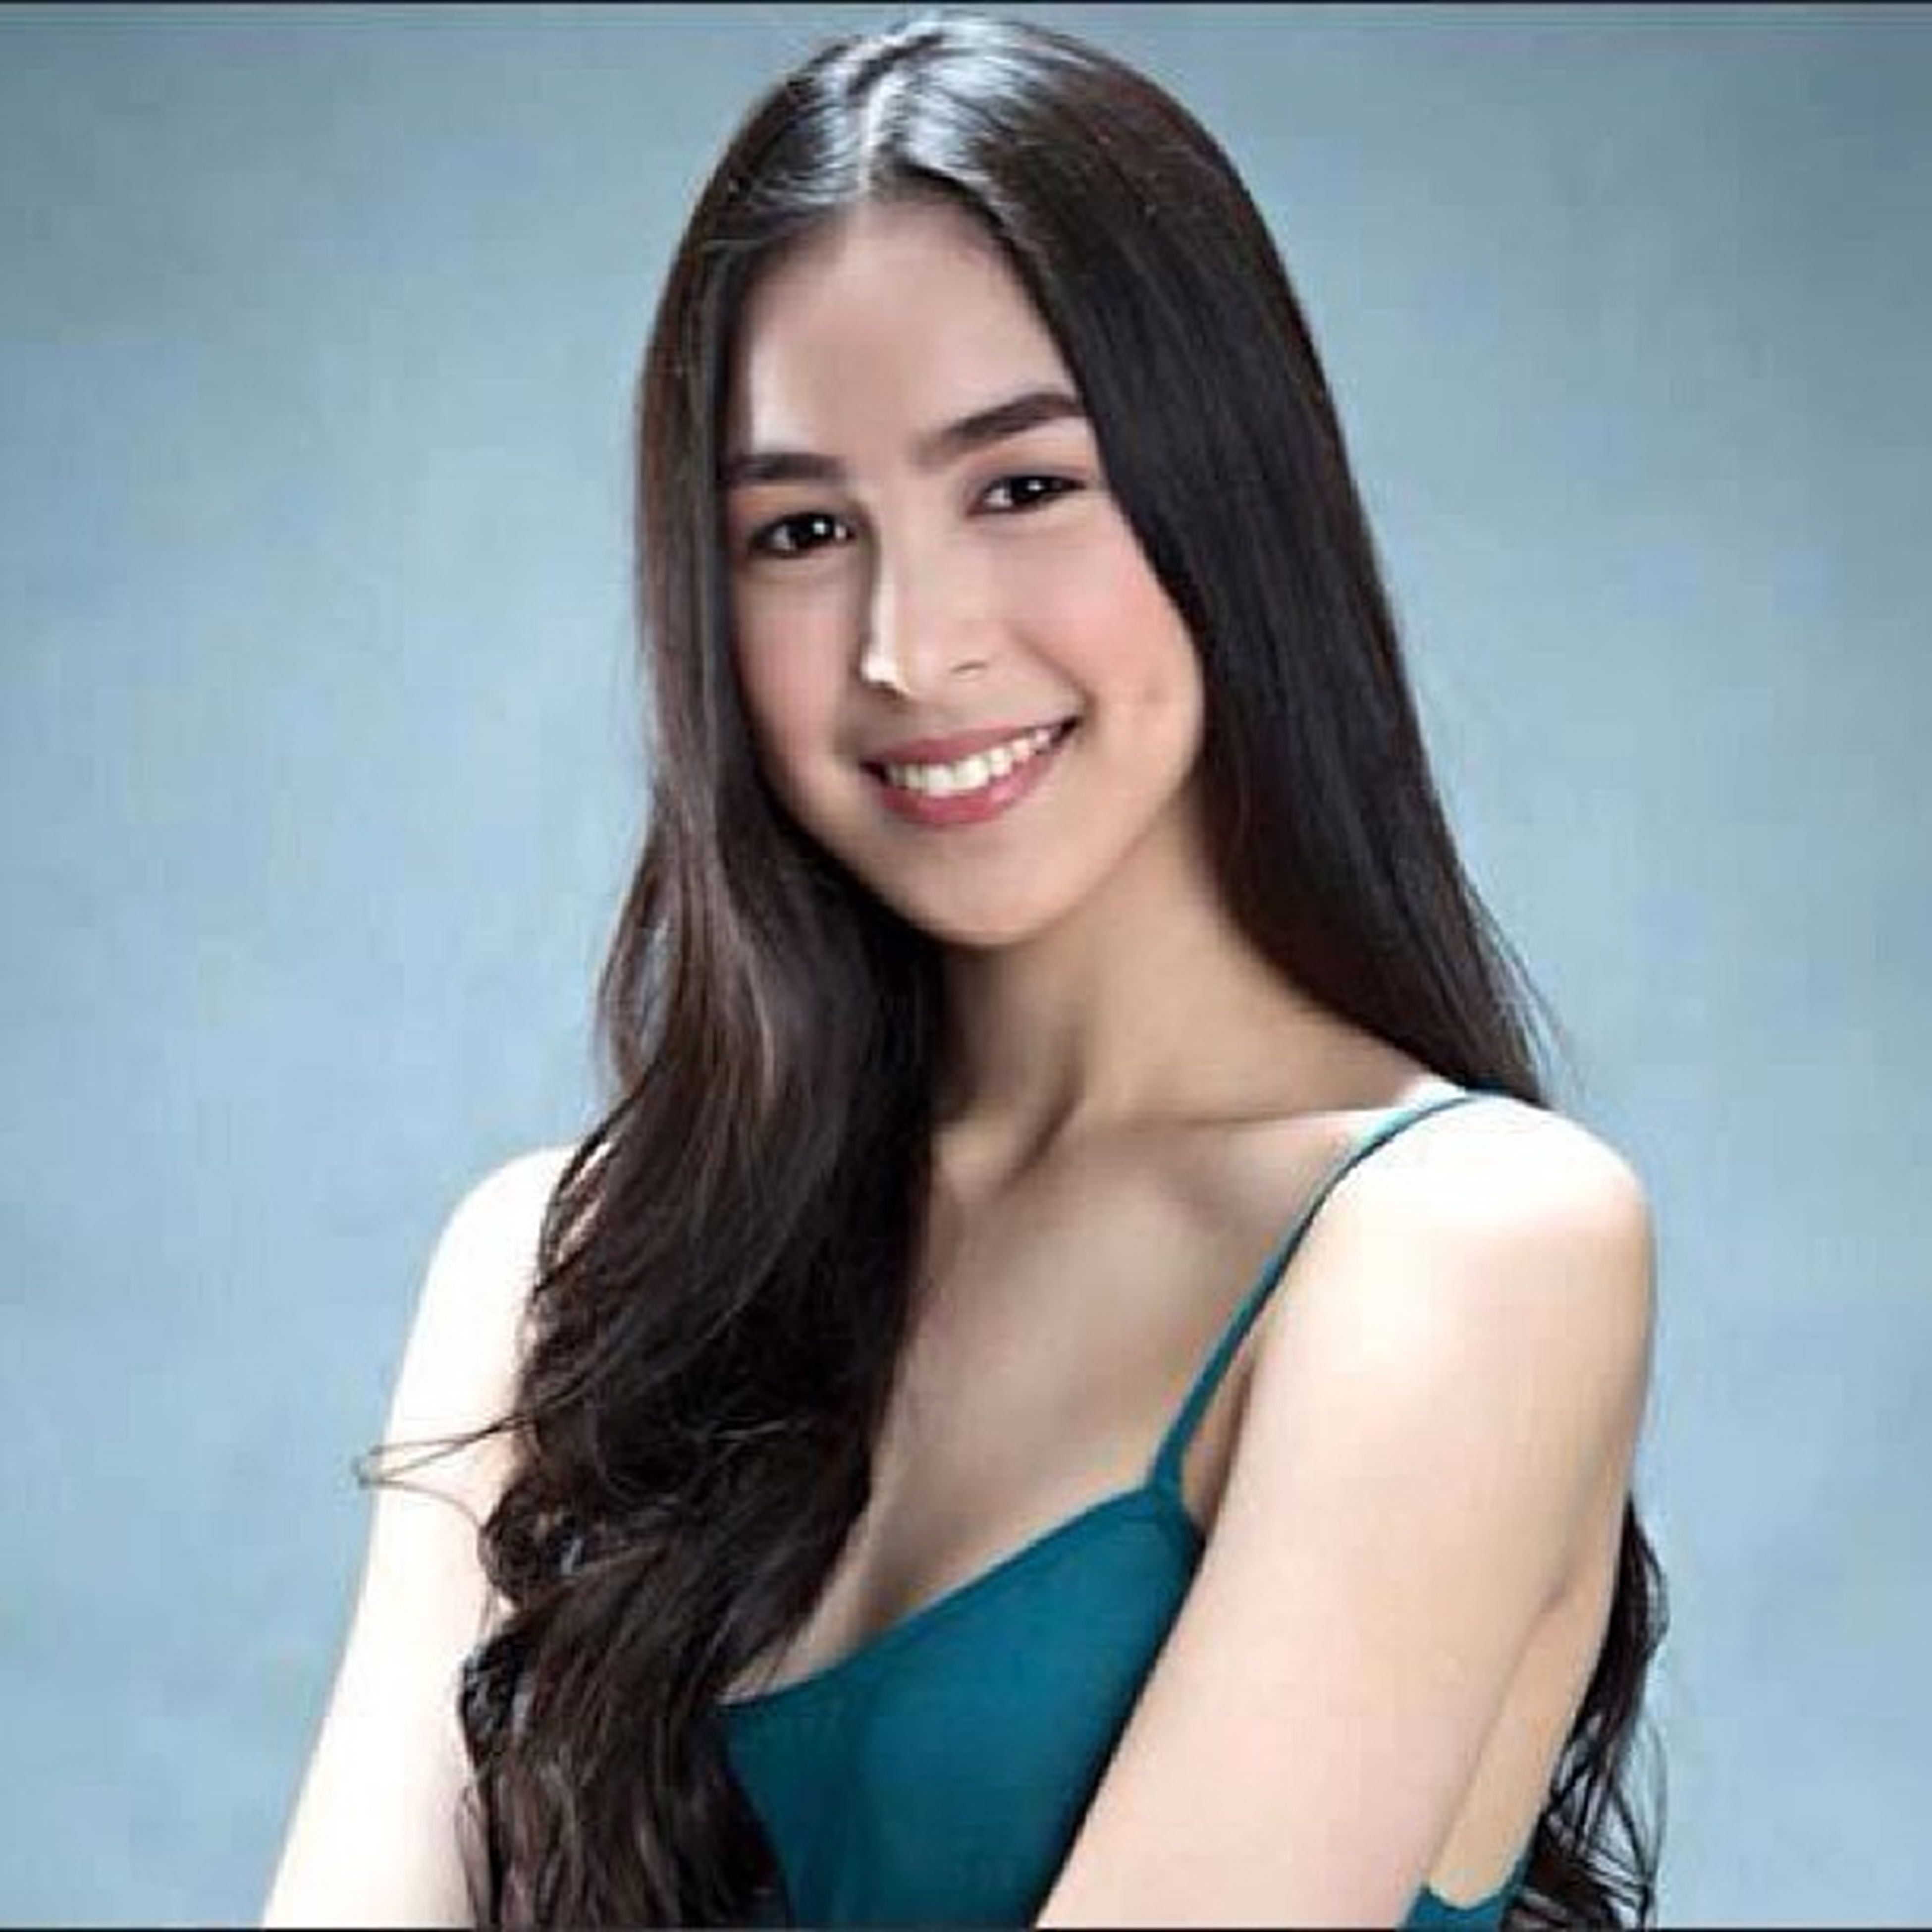 """Julia Barreto :""""""""> Pinay BidaKapamilya Igphilippine Filipino ActresspinaybeautylovelyphotoshootinstawebinstadailyAsianAsiaIGfamousshoutoutFollow"""